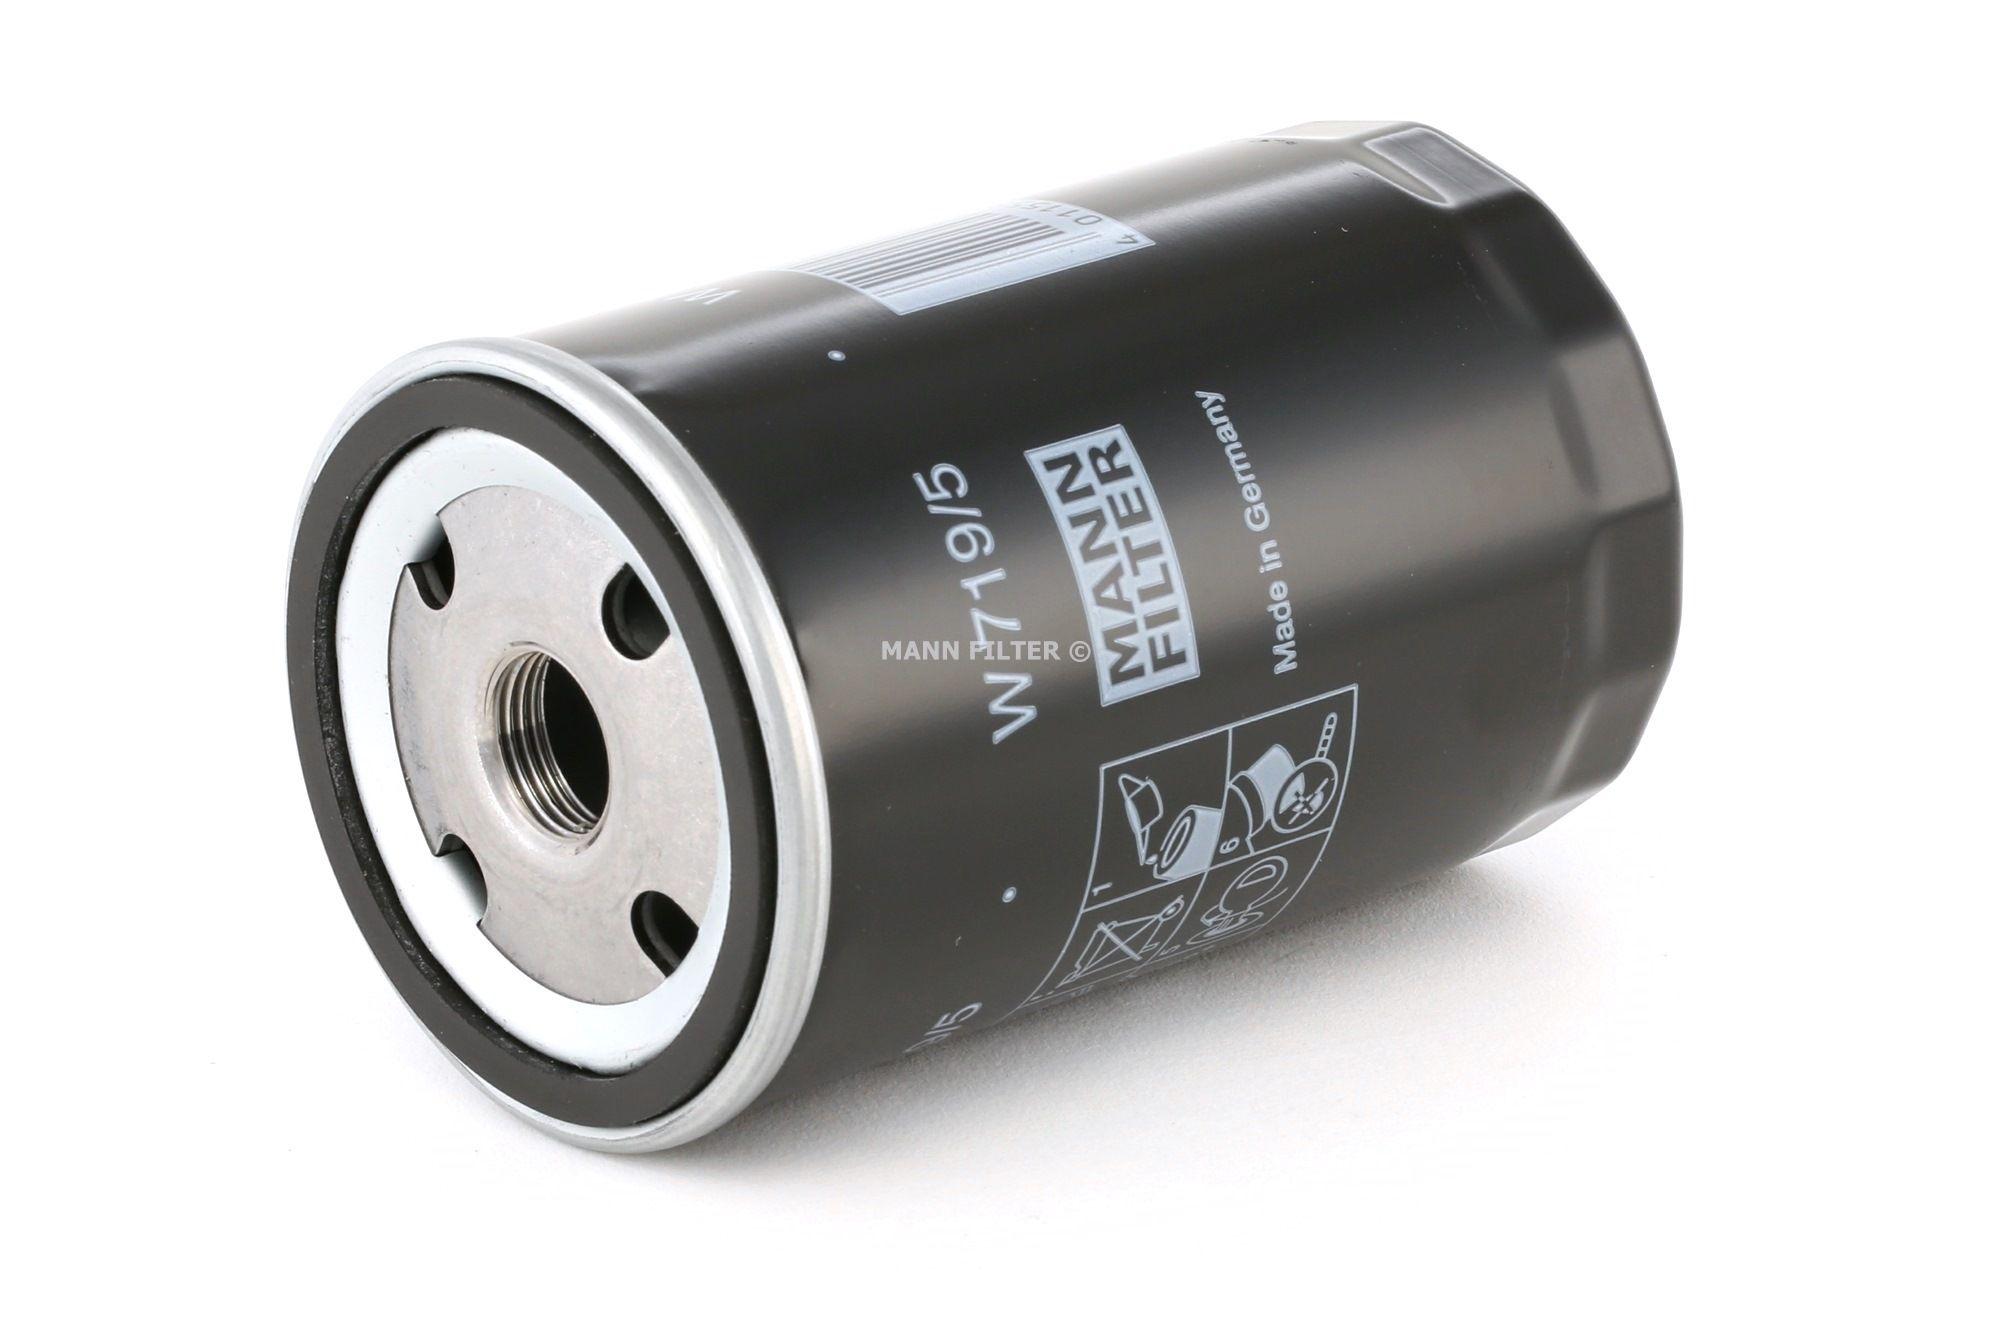 Achetez Filtration MANN-FILTER W 719/5 (Diamètre intérieur 2: 62mm, Diamètre intérieur 2: 62mm, Ø: 76mm, Diamètre extérieur 2: 71mm, Hauteur: 123mm) à un rapport qualité-prix exceptionnel